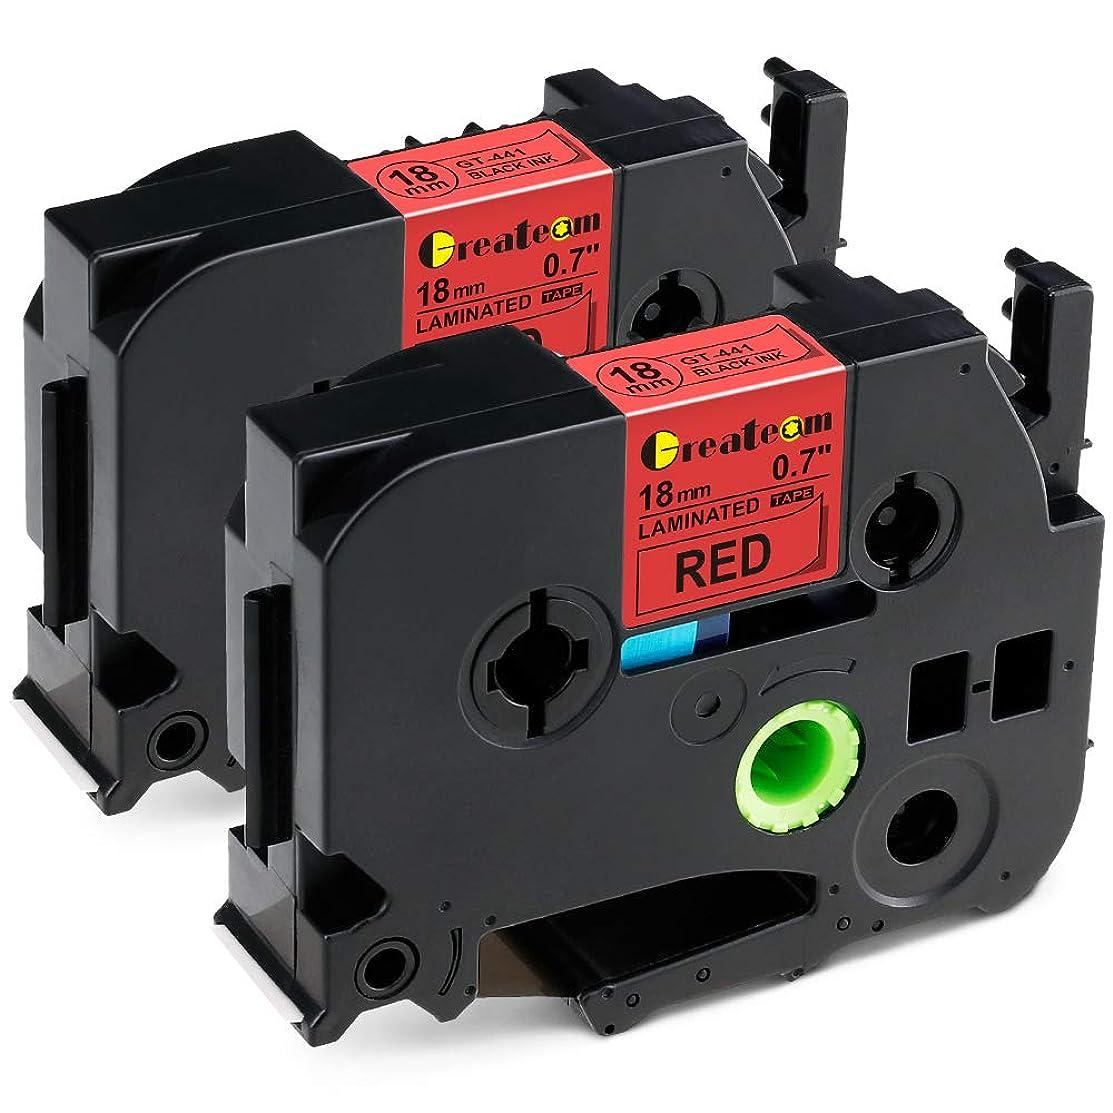 マーキング彼女立派なピータッチ ブラザー tzeテープ 18mm TZe-441 互換品 2点セット,ブラザー工業 ラミネートテープ ブラザー テープカセット brother tze ラベルライターテープ 赤地に黒文字 長さ8m…